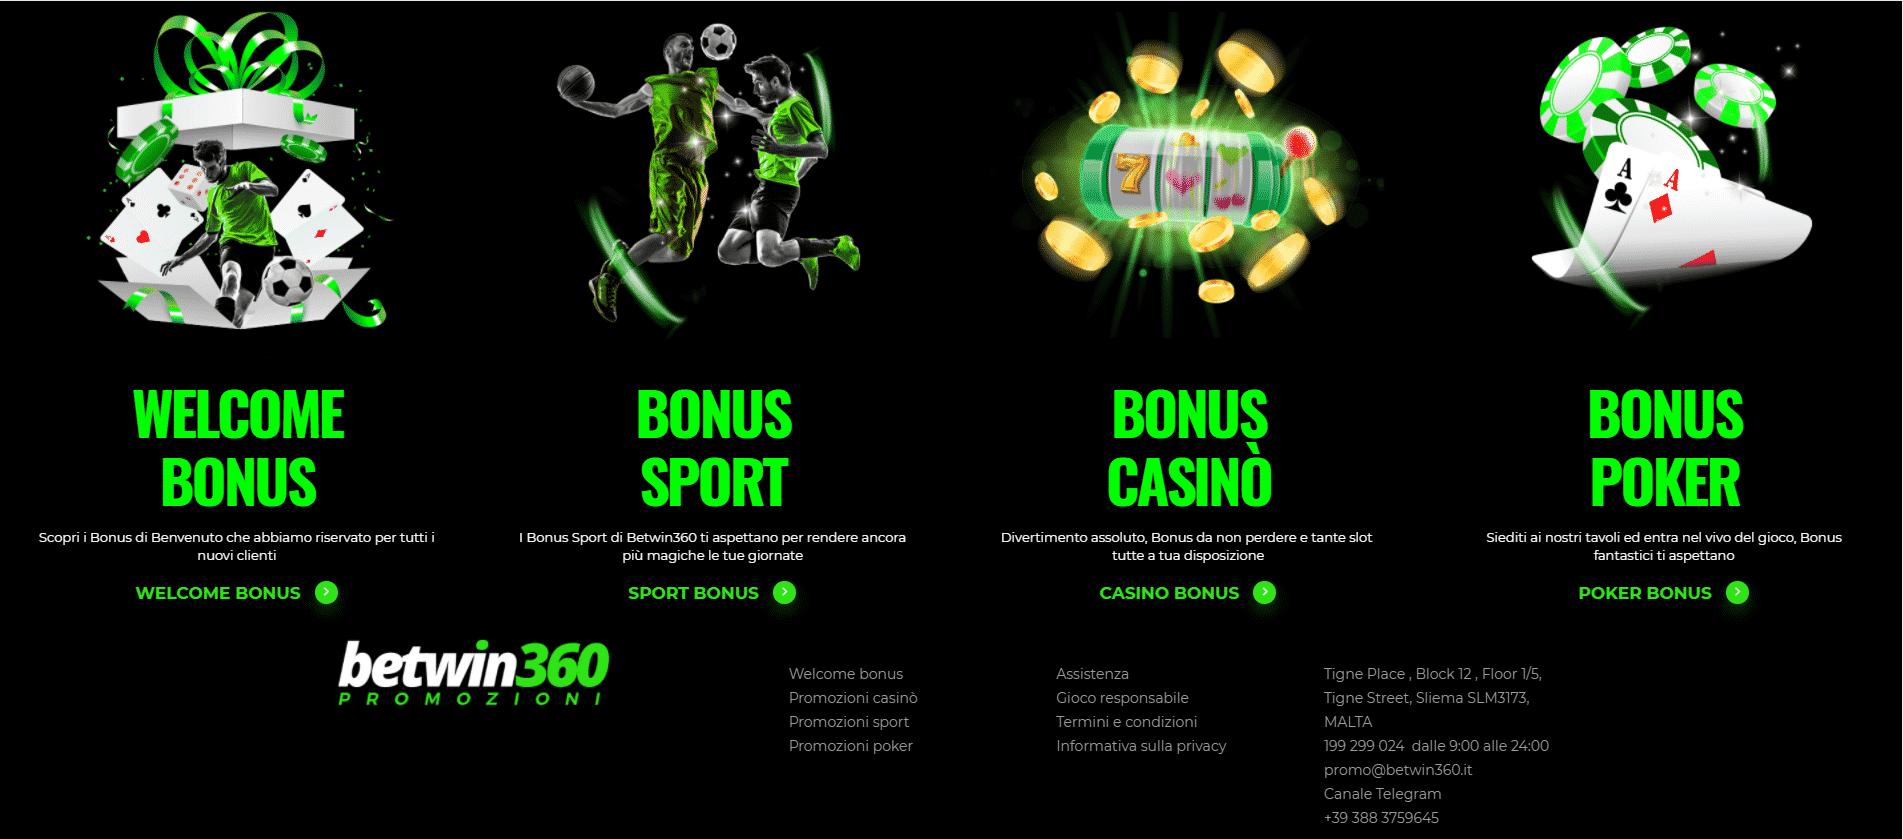 Betwin360 Promozioni e Bonus